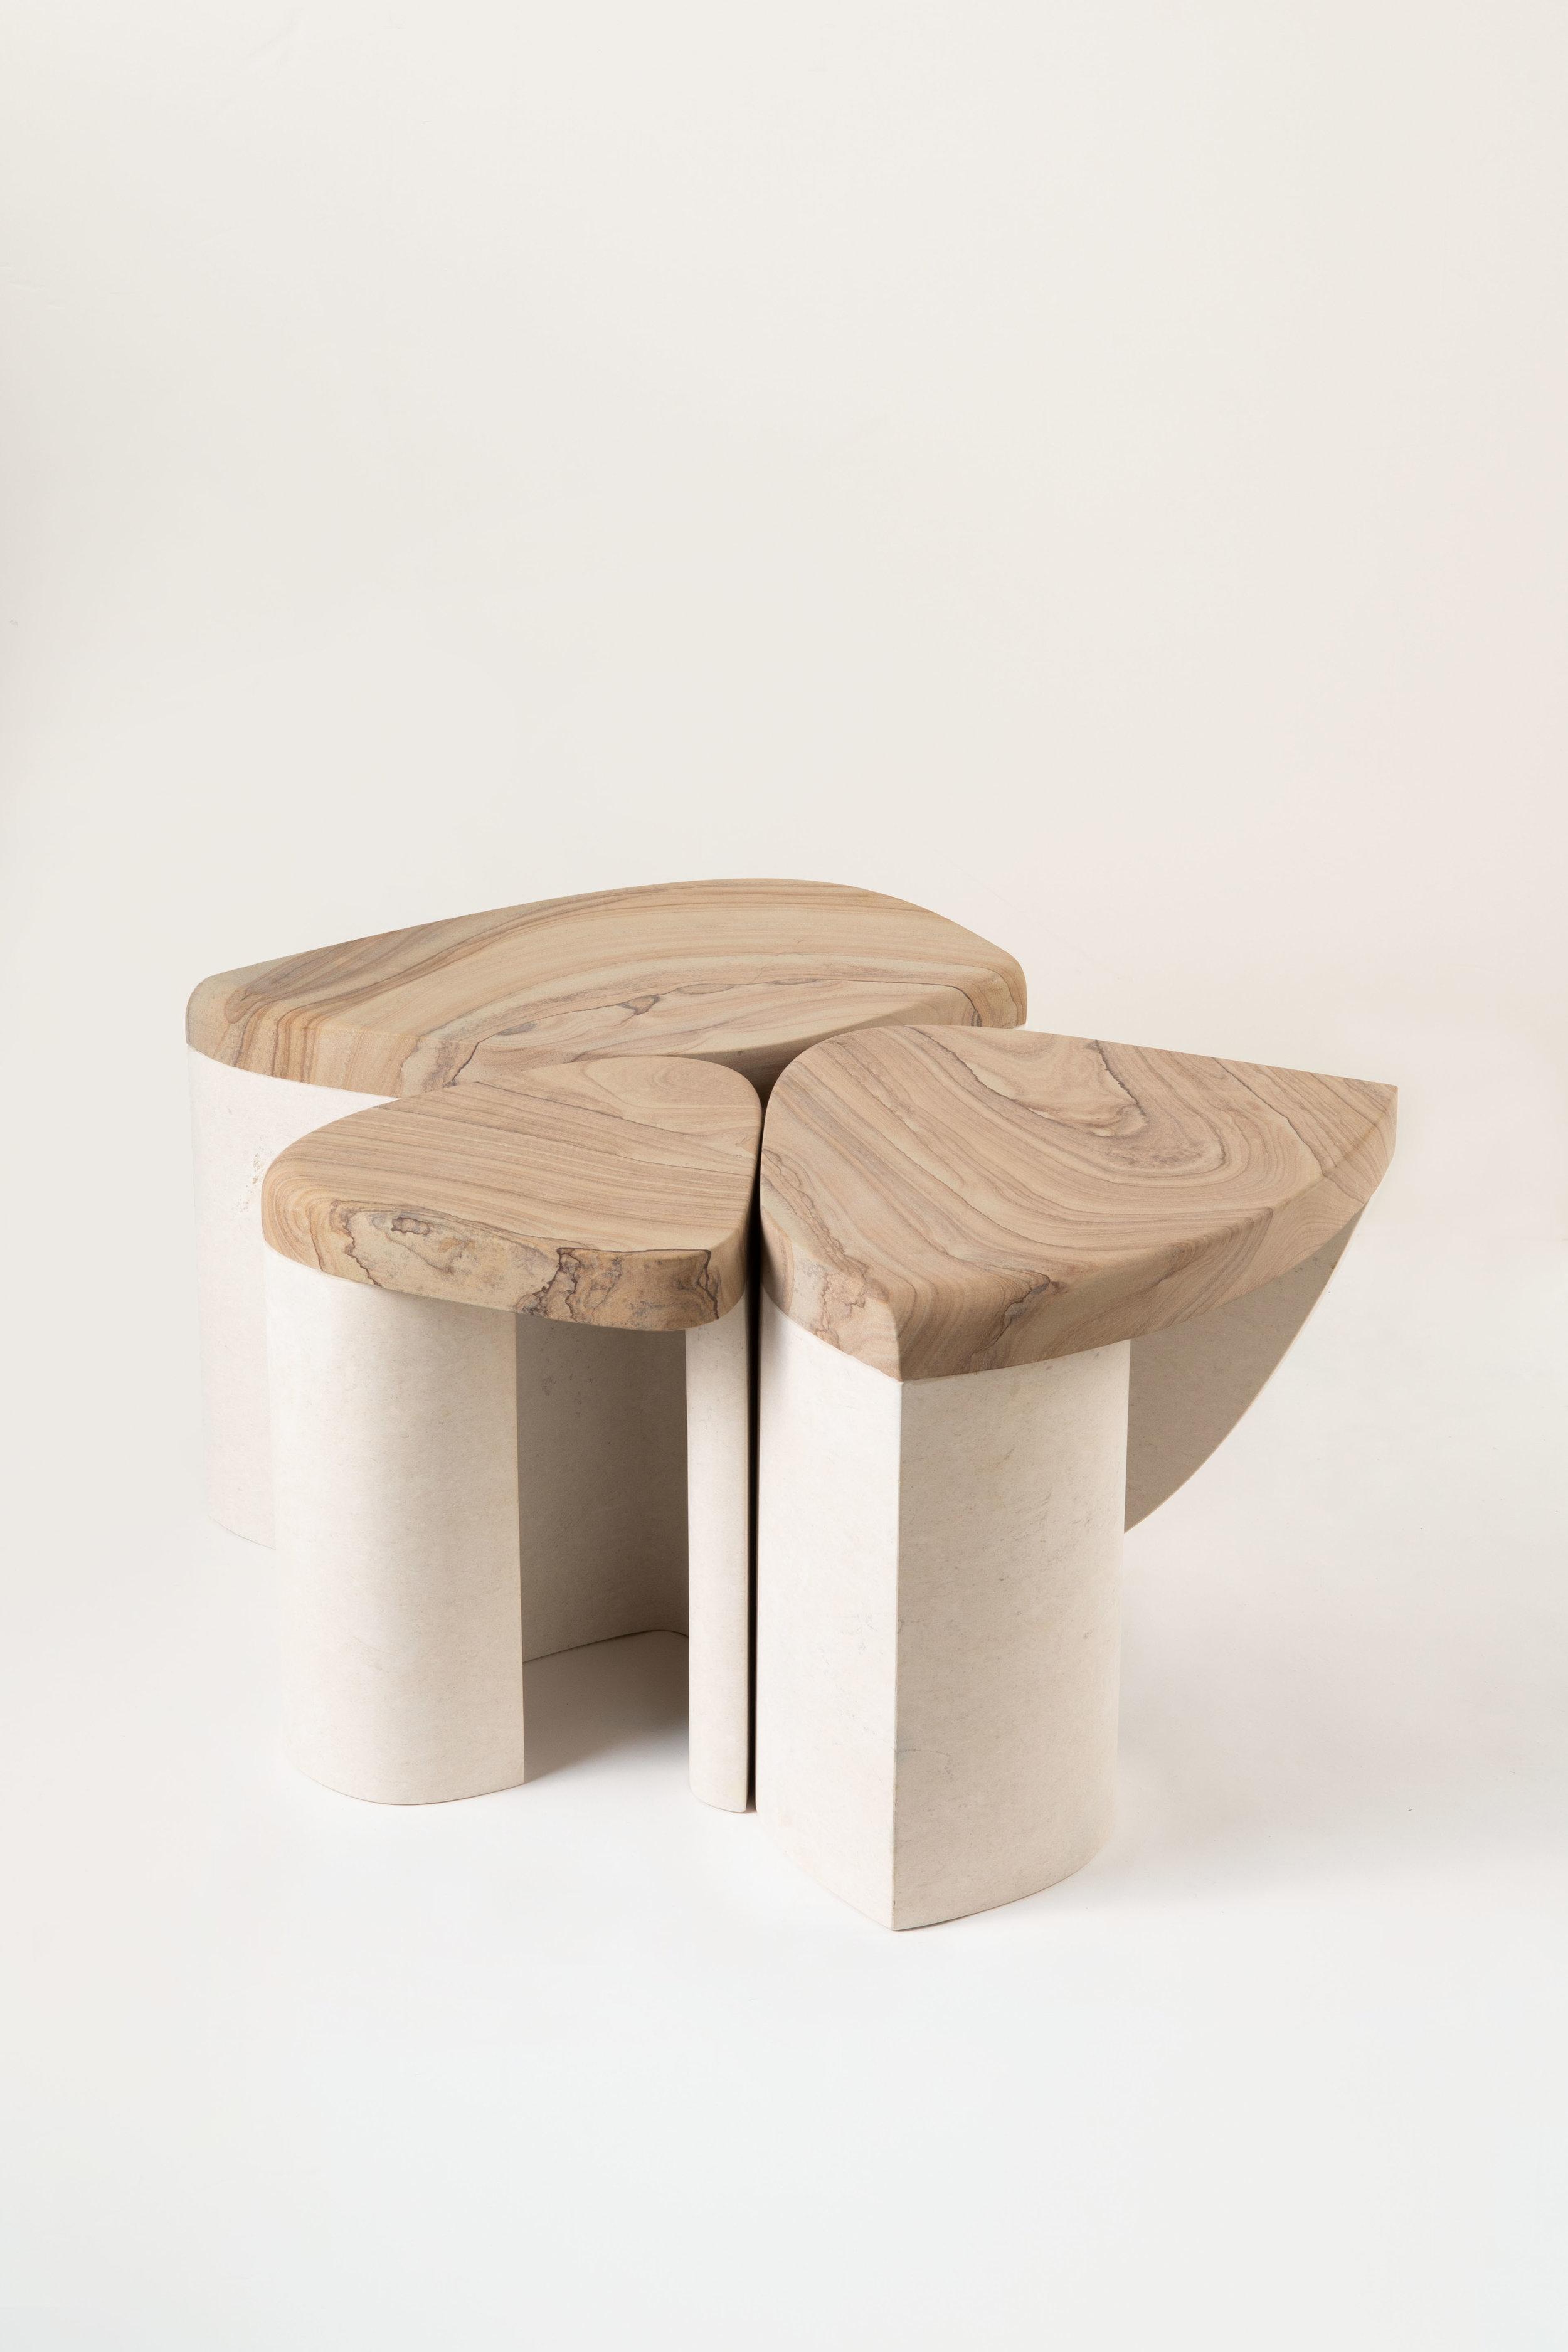 Elephant_Table_24.jpg